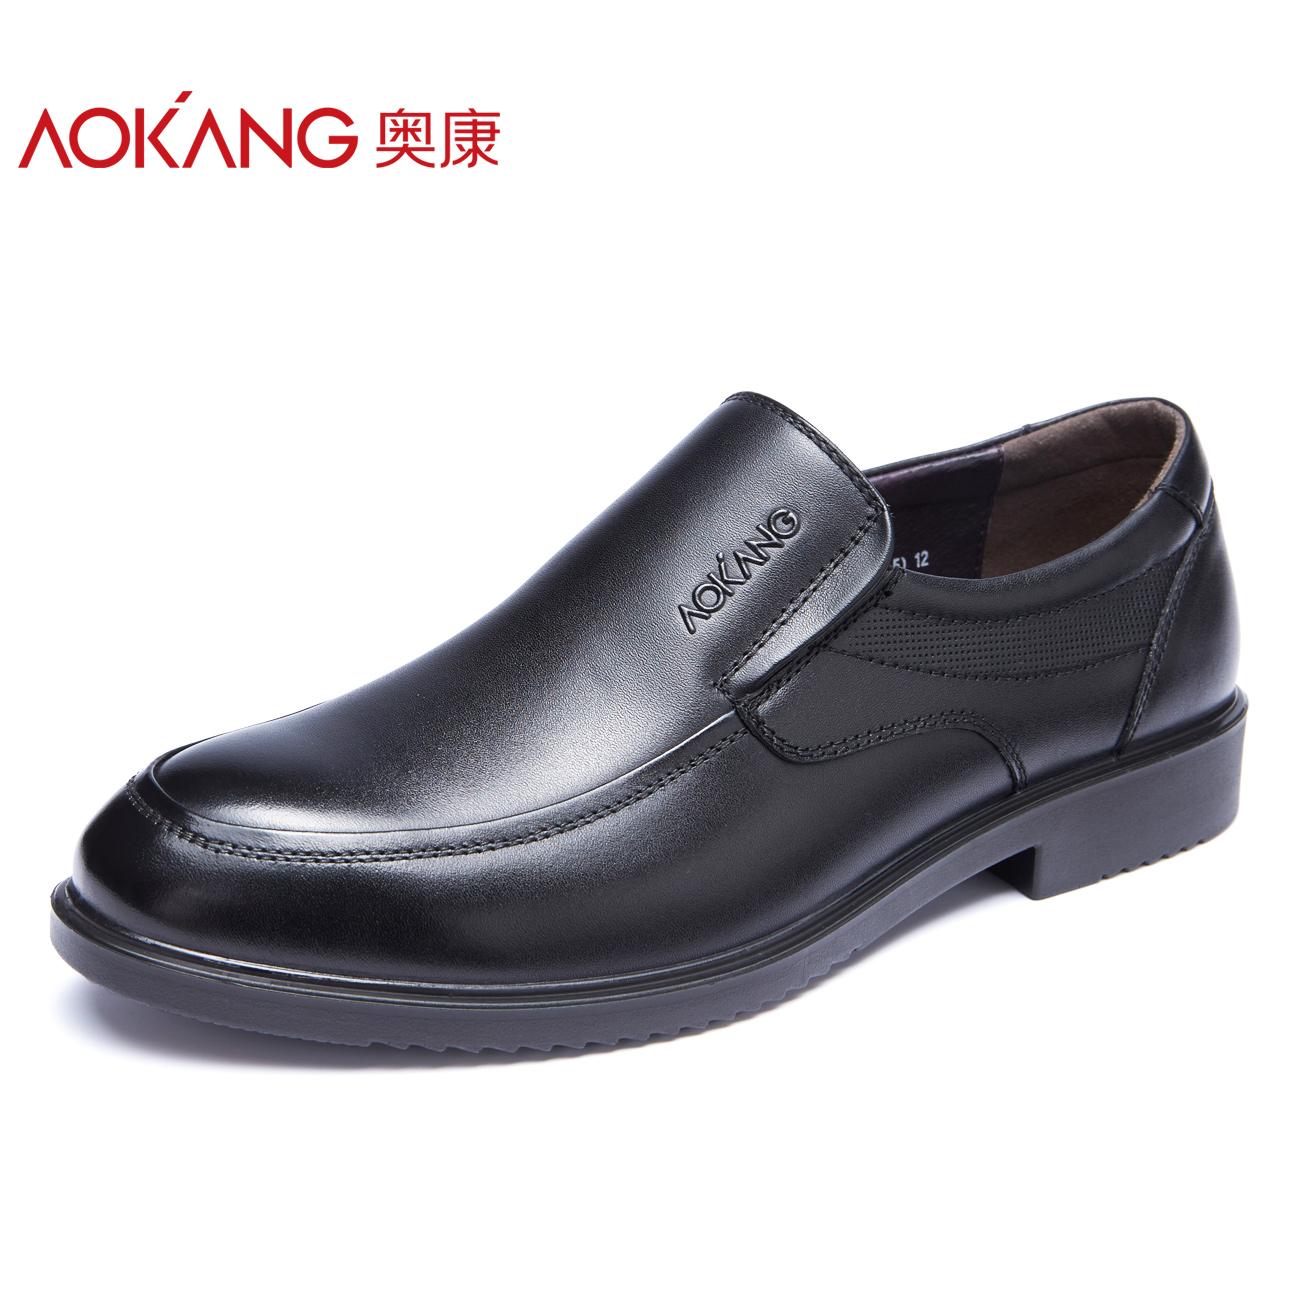 奥康男鞋真皮商务休闲皮鞋